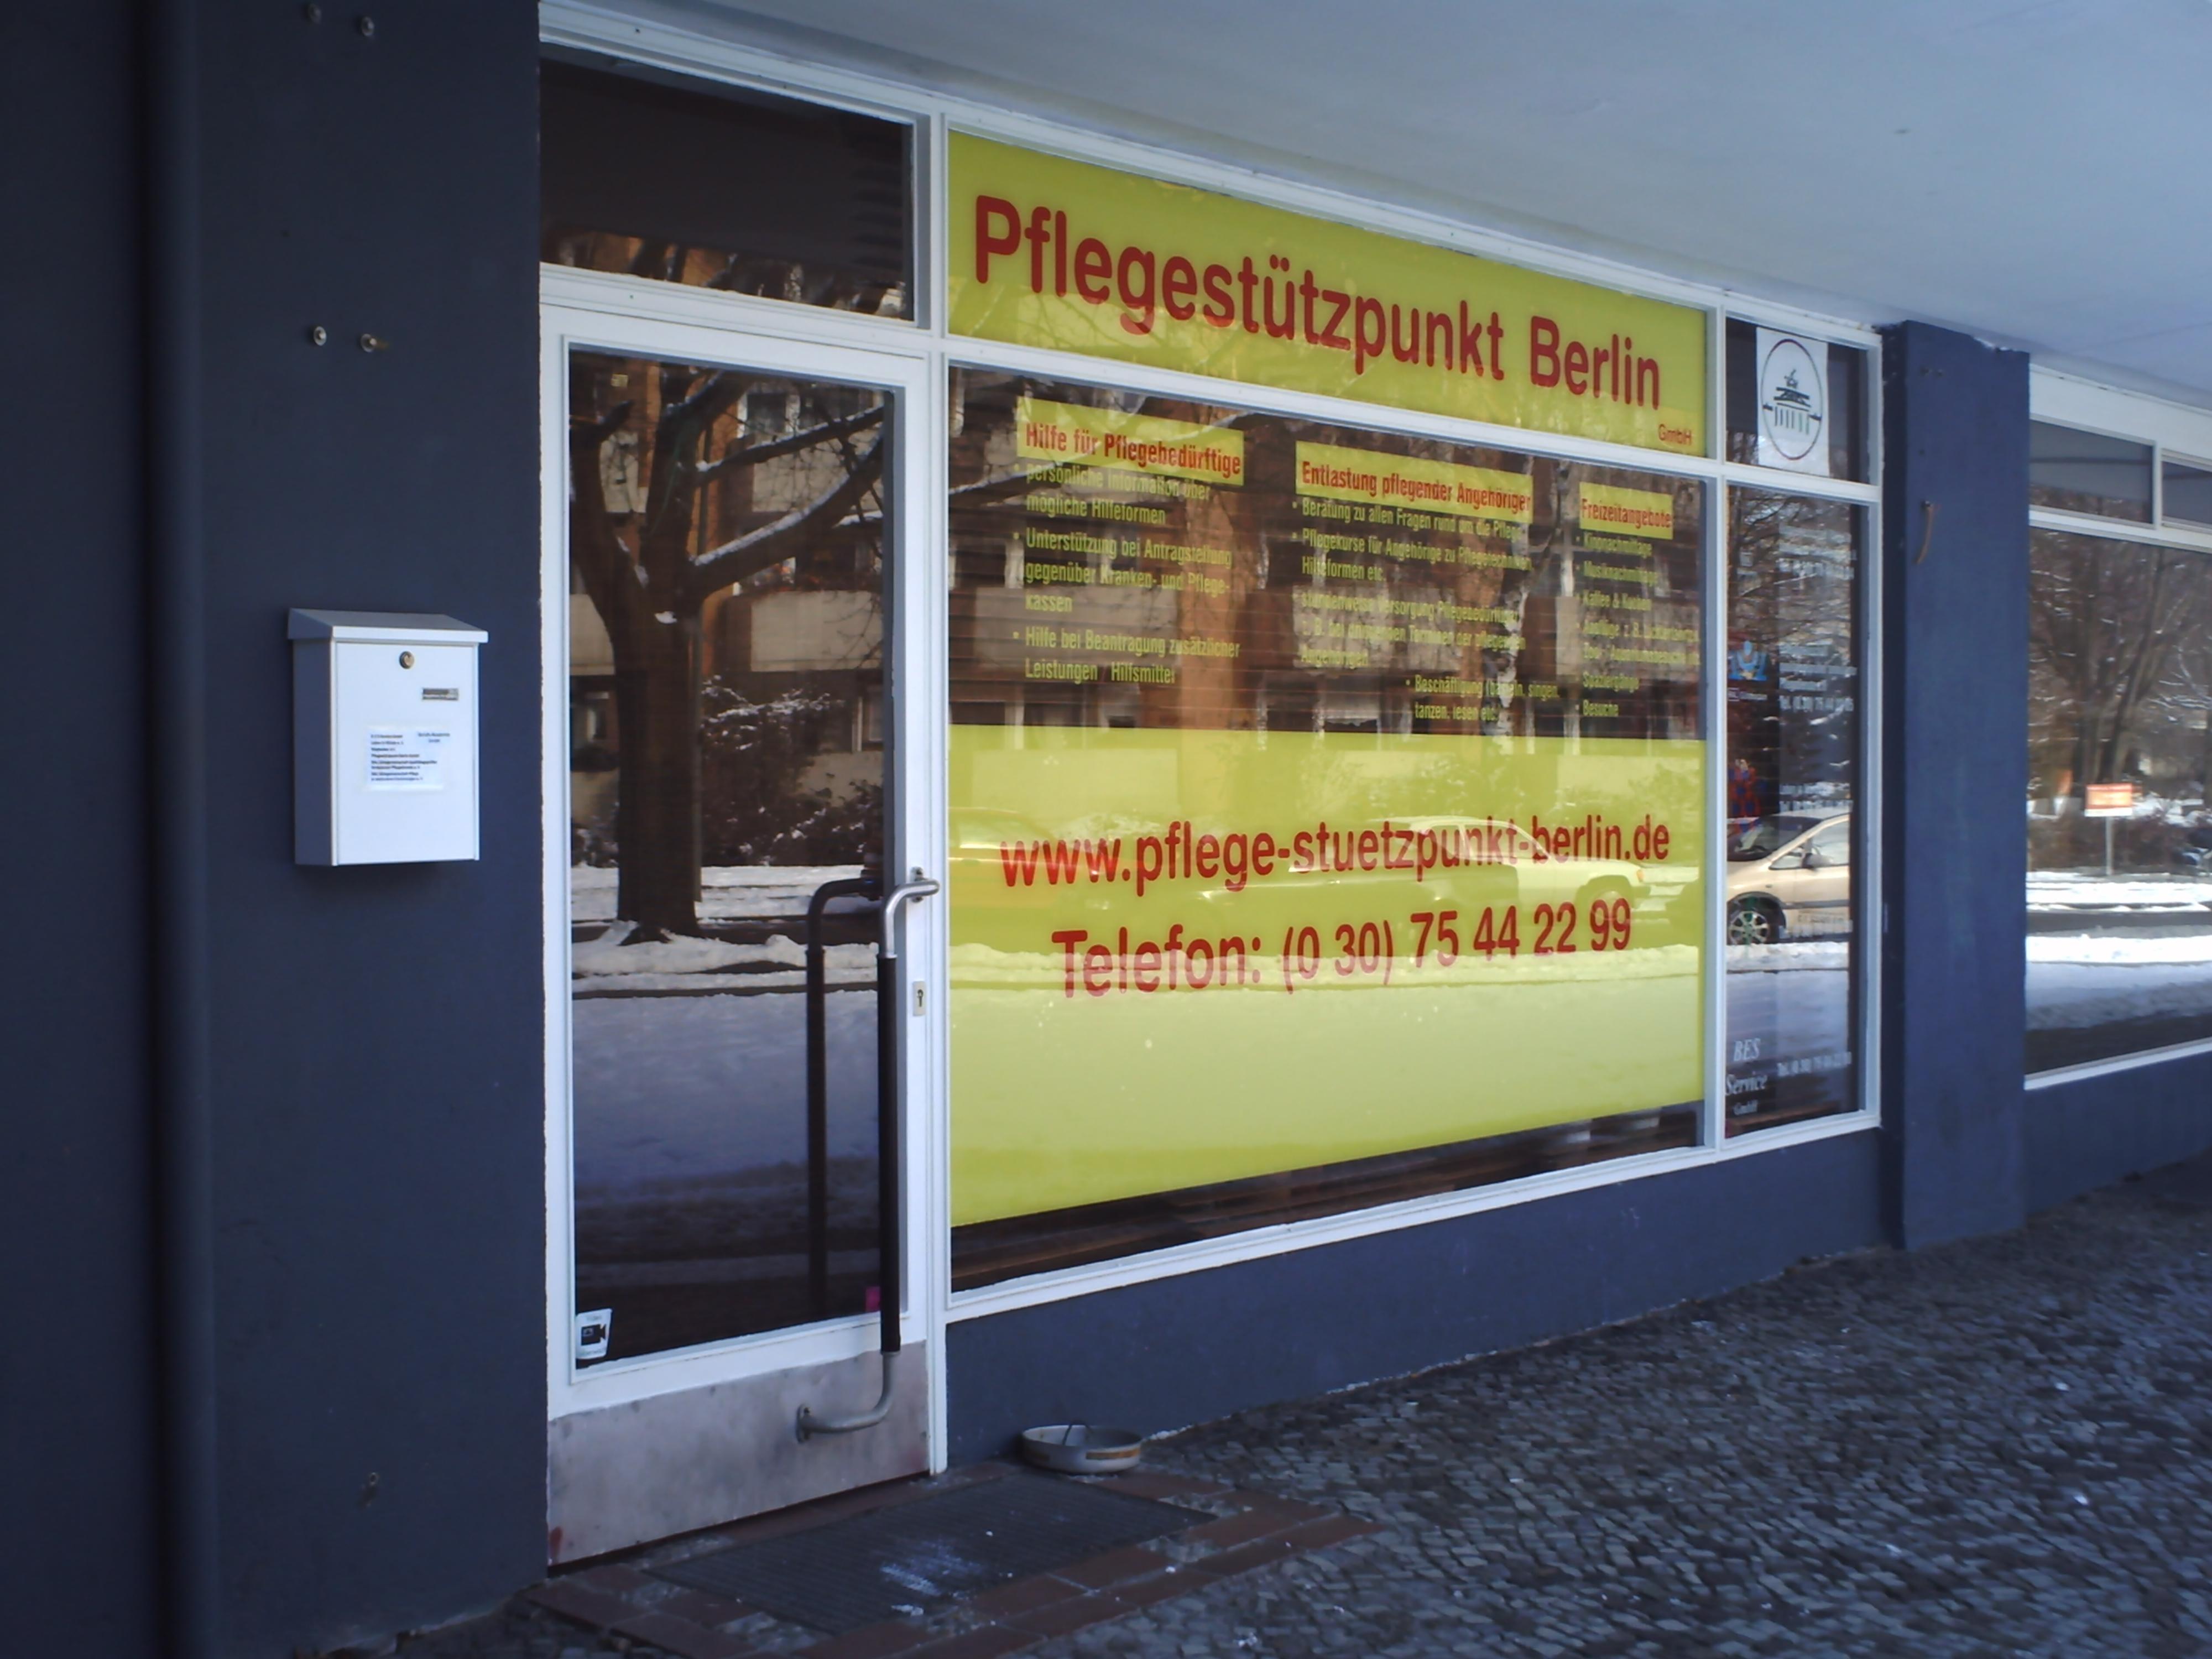 Pflegestützpunkt Berlin - Gescäftsstelle Wedding